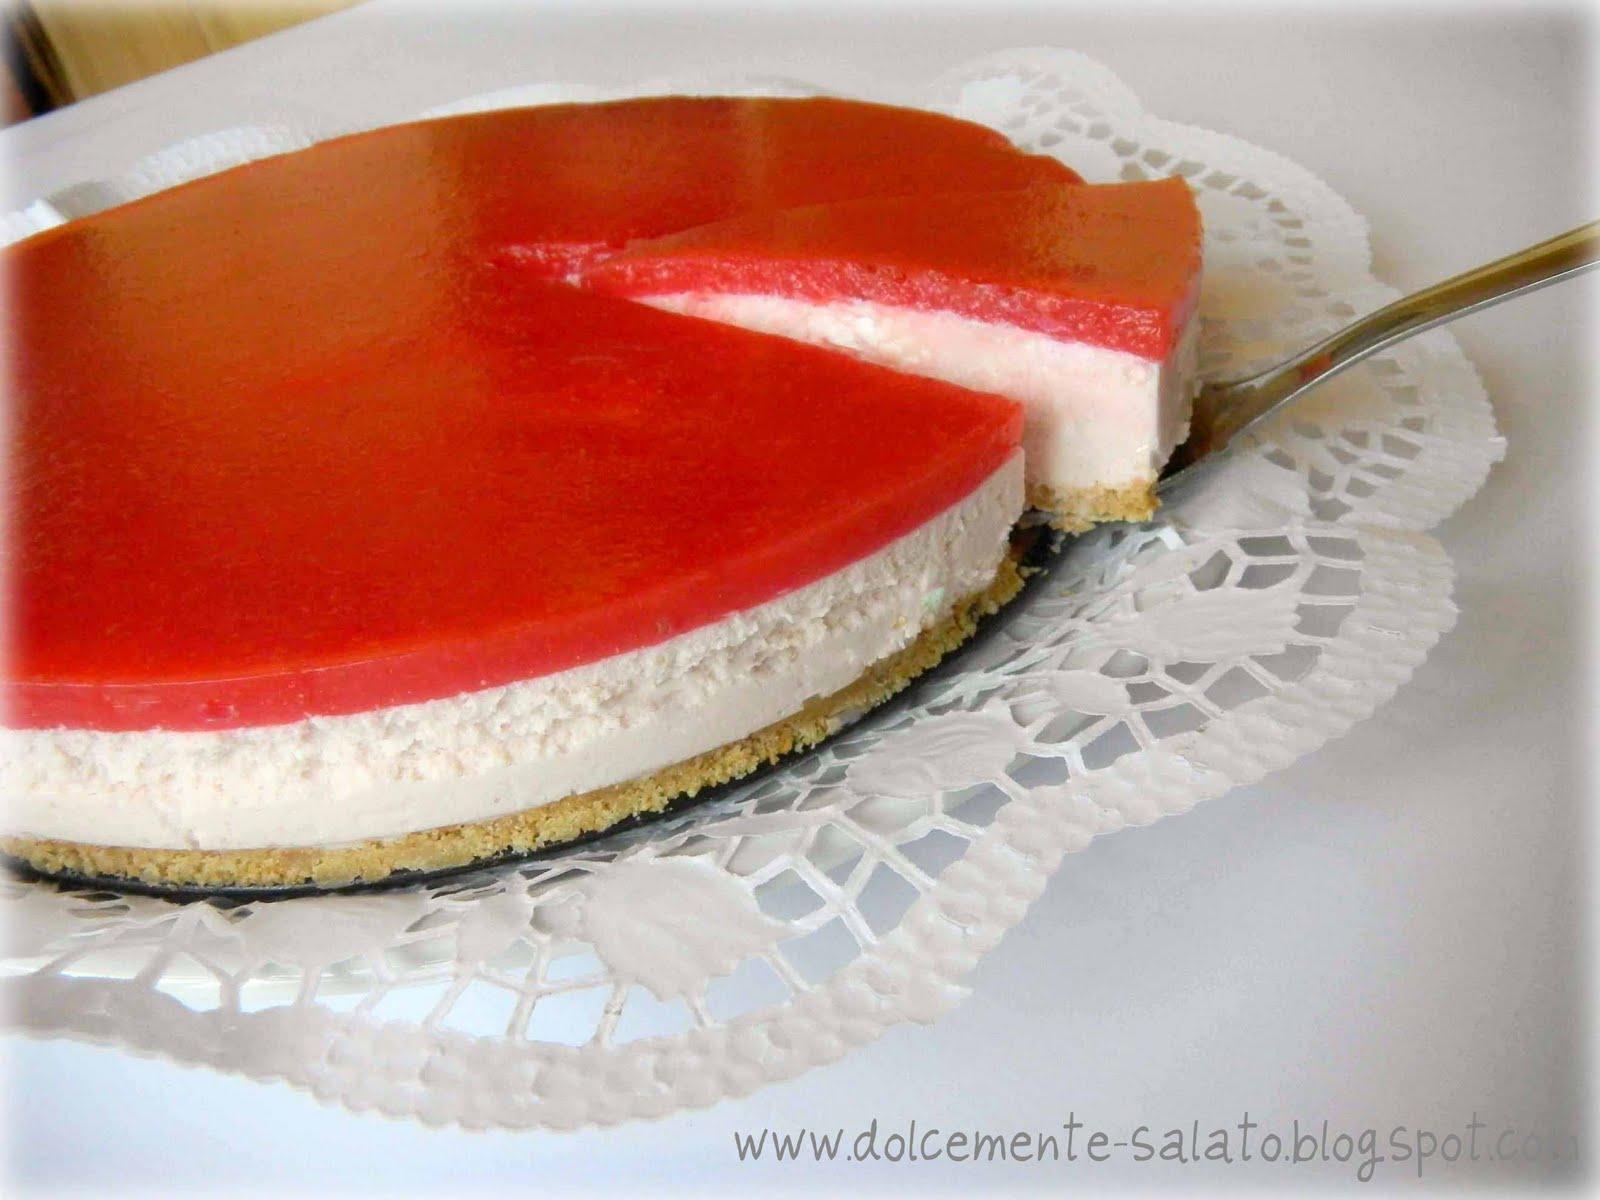 Amato DOLCEmente SALATO: Cheesecake alle fragole e cioccolato bianco QO89